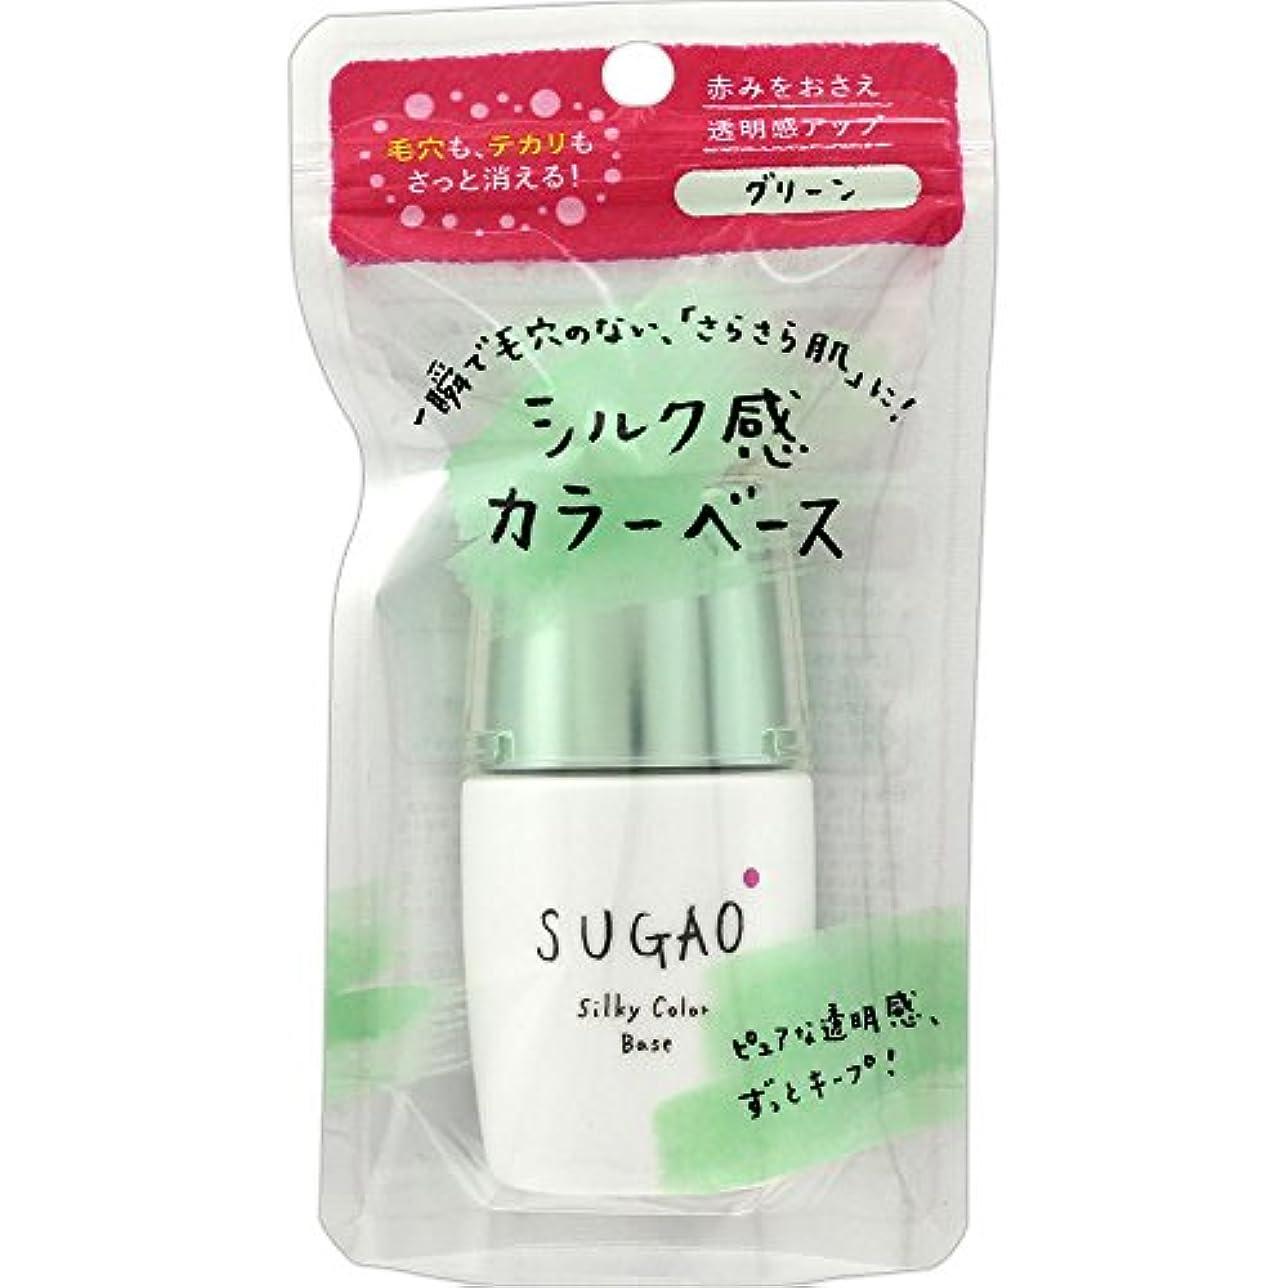 標準シェーバー海スガオ (SUGAO) シルク感カラーベース グリーン SPF20 PA+++ 20mL